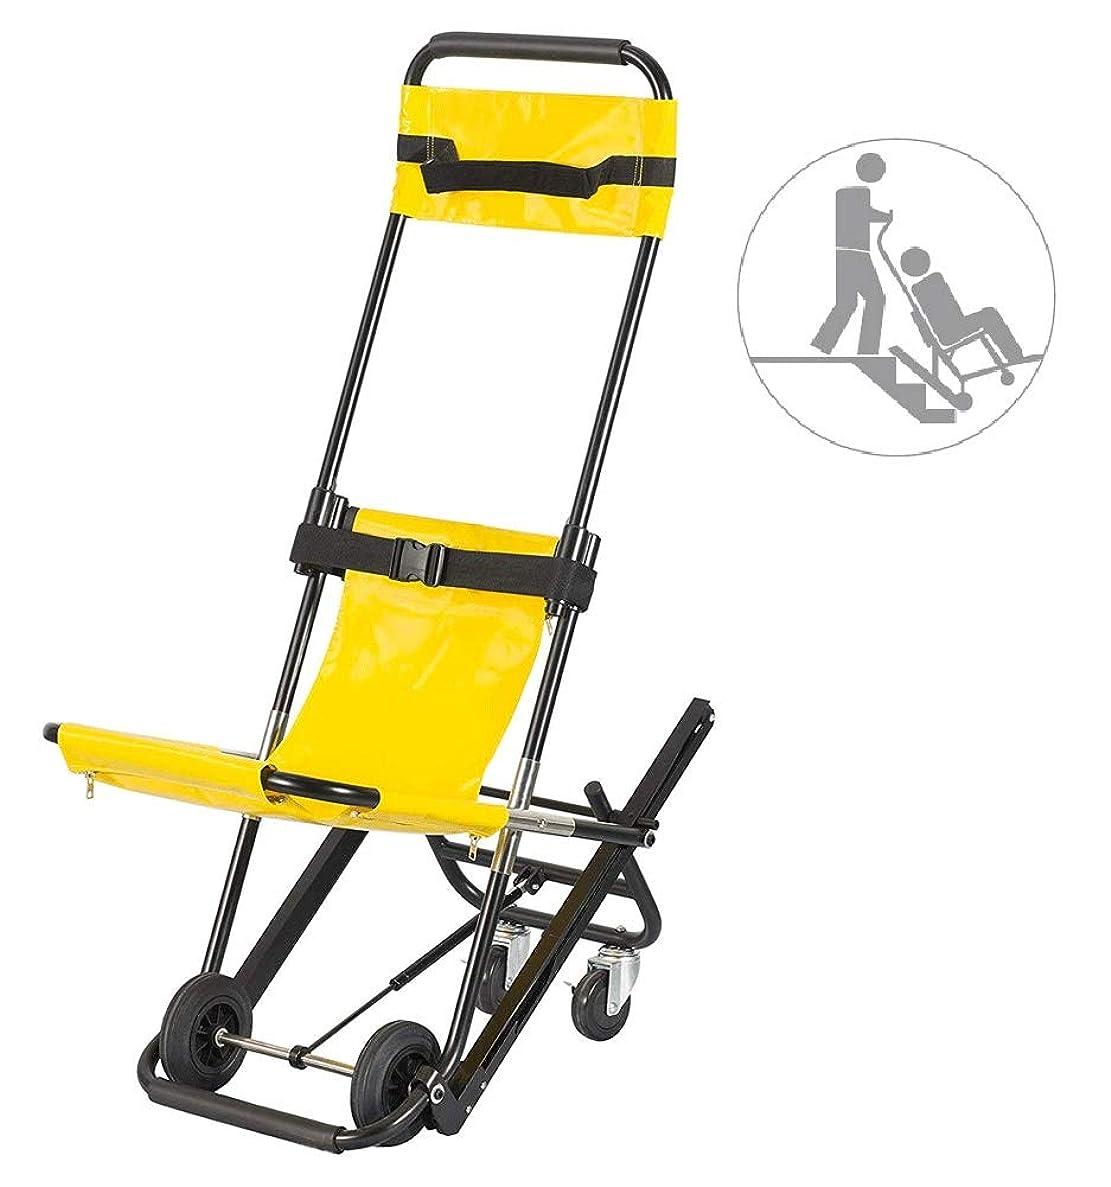 ノーブルコンテンツ棚EMS階段議長は、階段昇降車椅子アルミ軽量折りたたみメディカルクイックリリースバックル350ポンド容量、イエローと階段チェアリフト